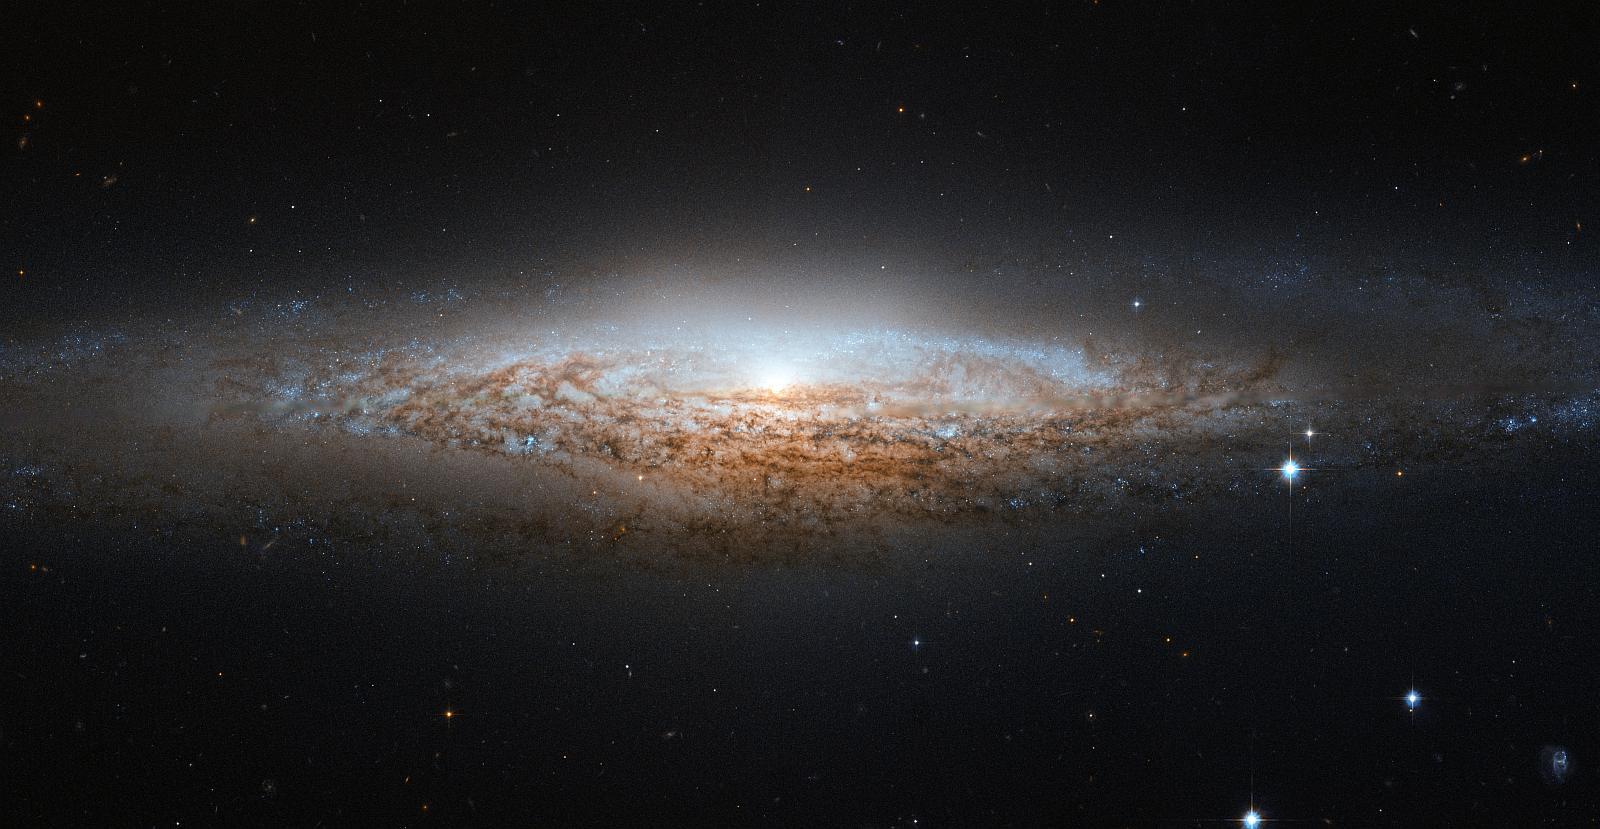 NGC 2683 - спиральная галактика в созвездии Рысь. Снимок телескопа Хаббл.